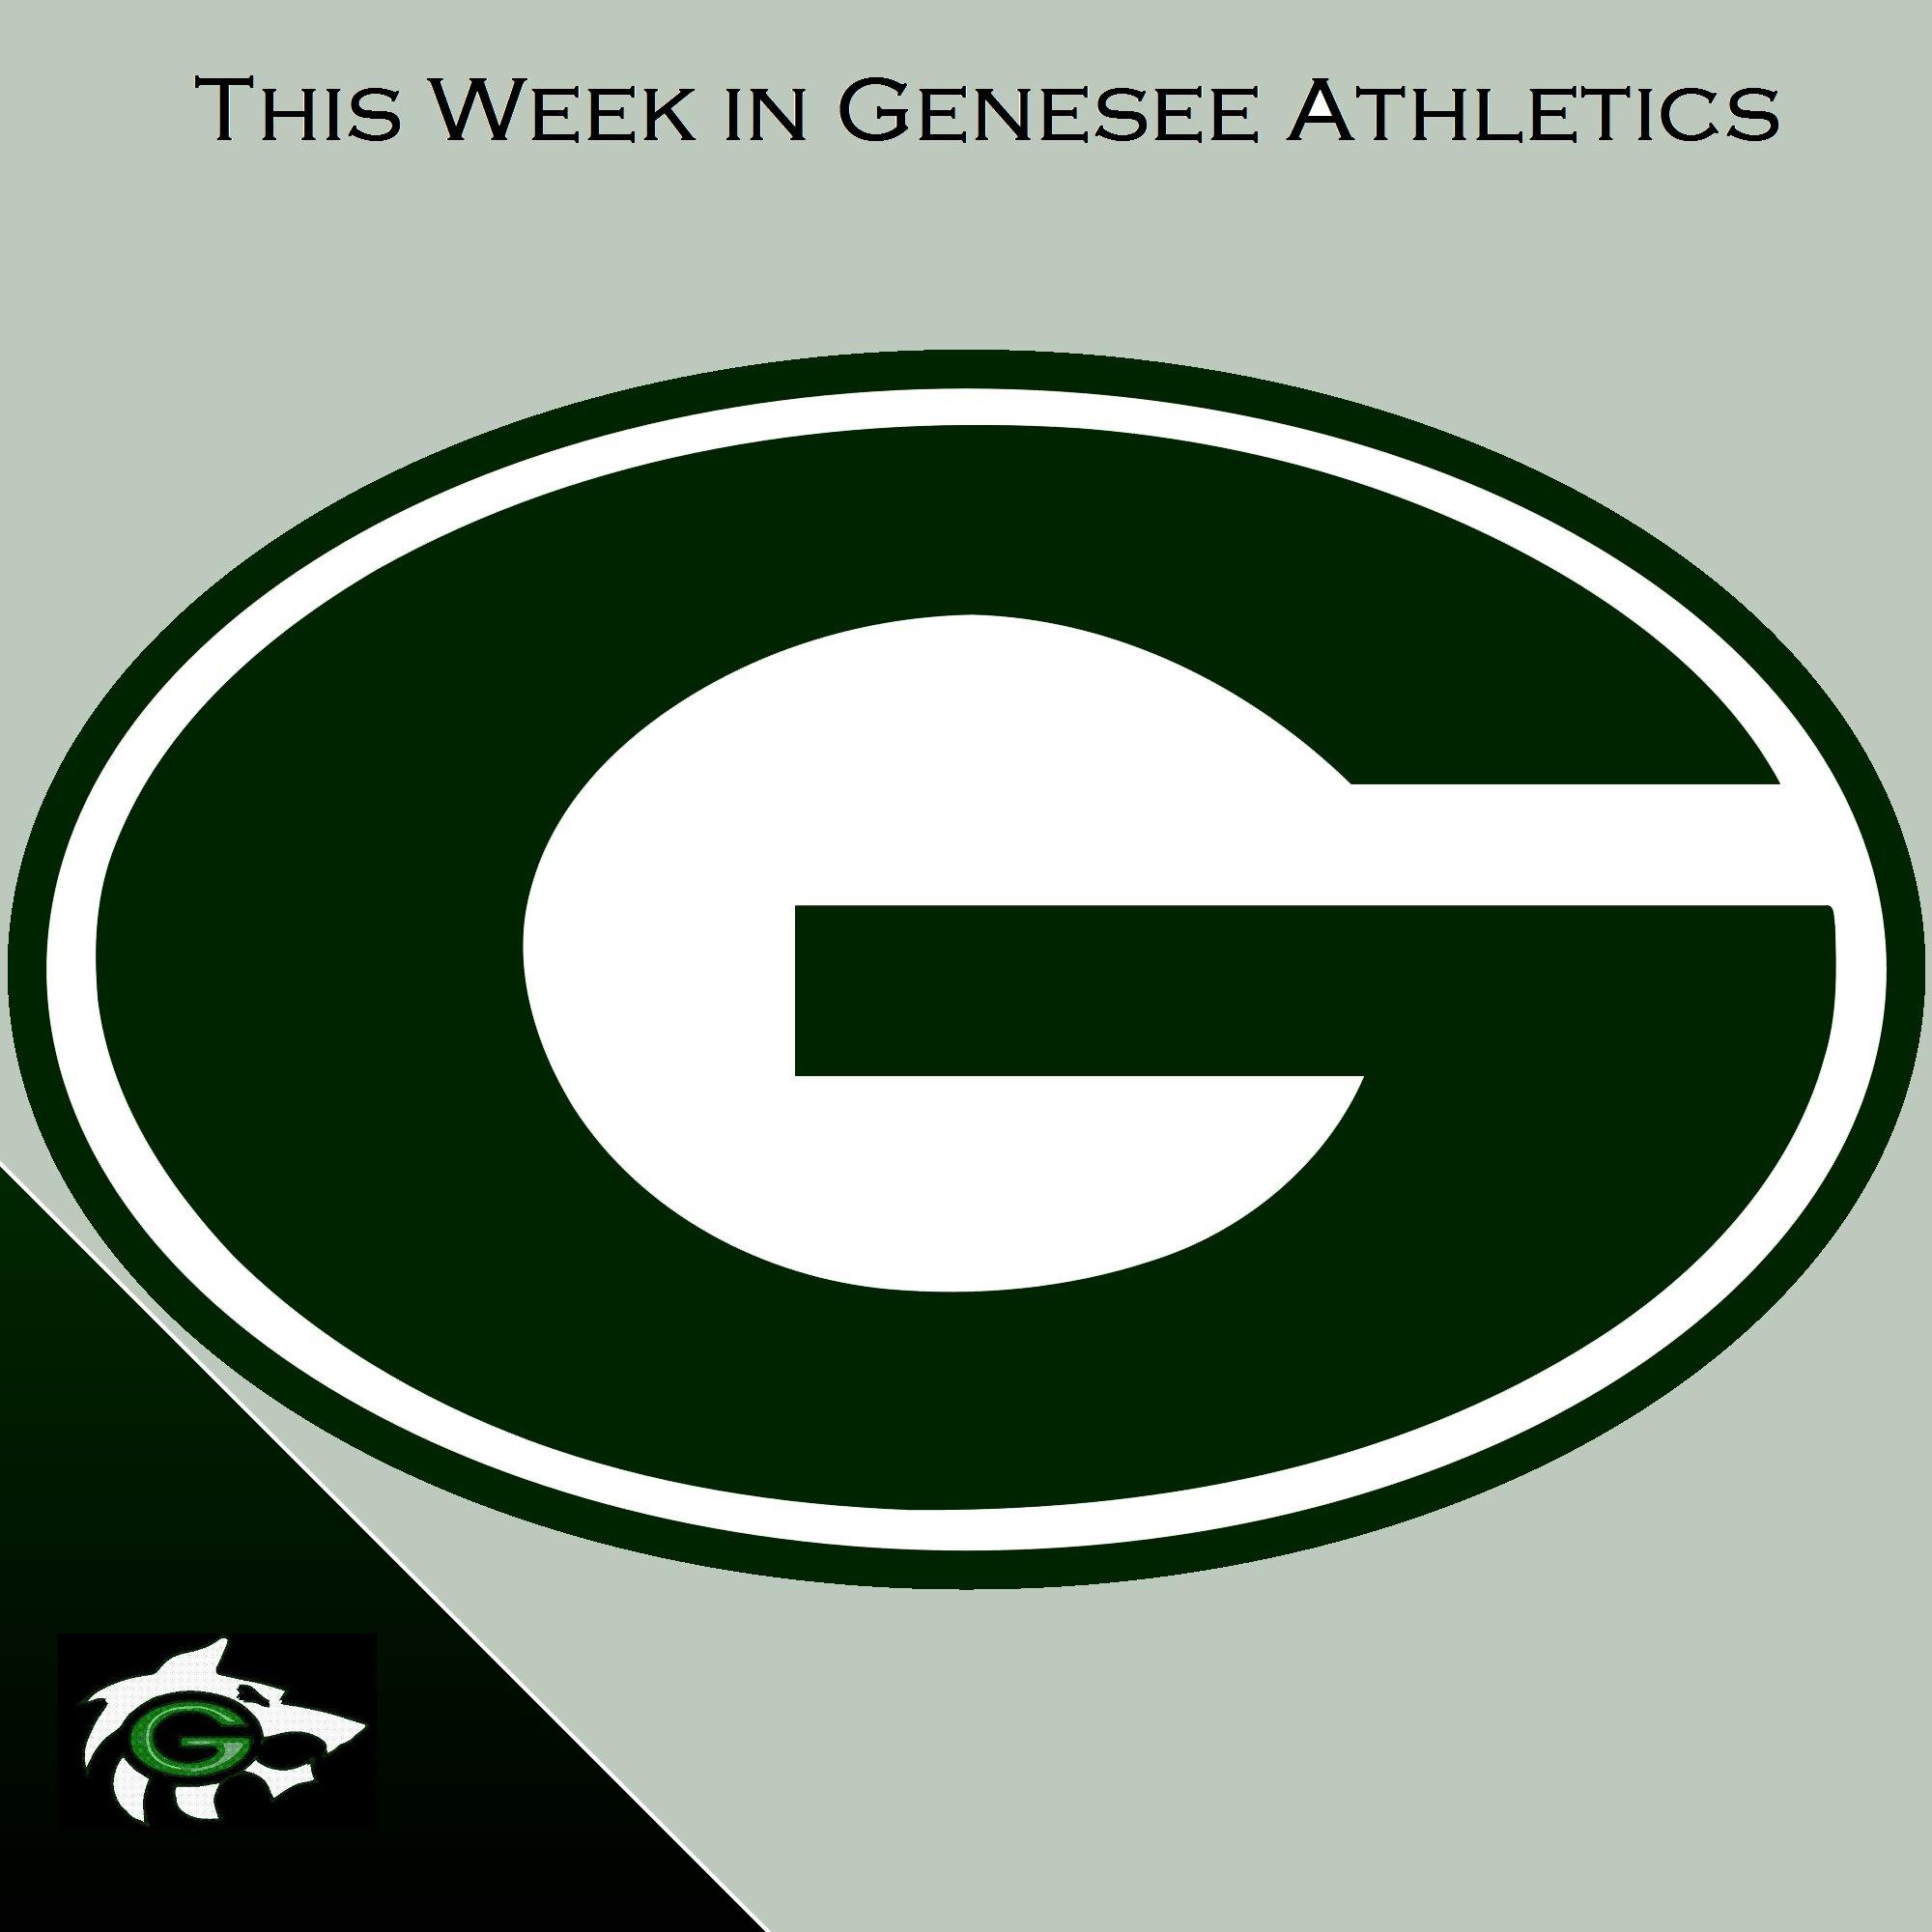 This Week in Genesee Athletics